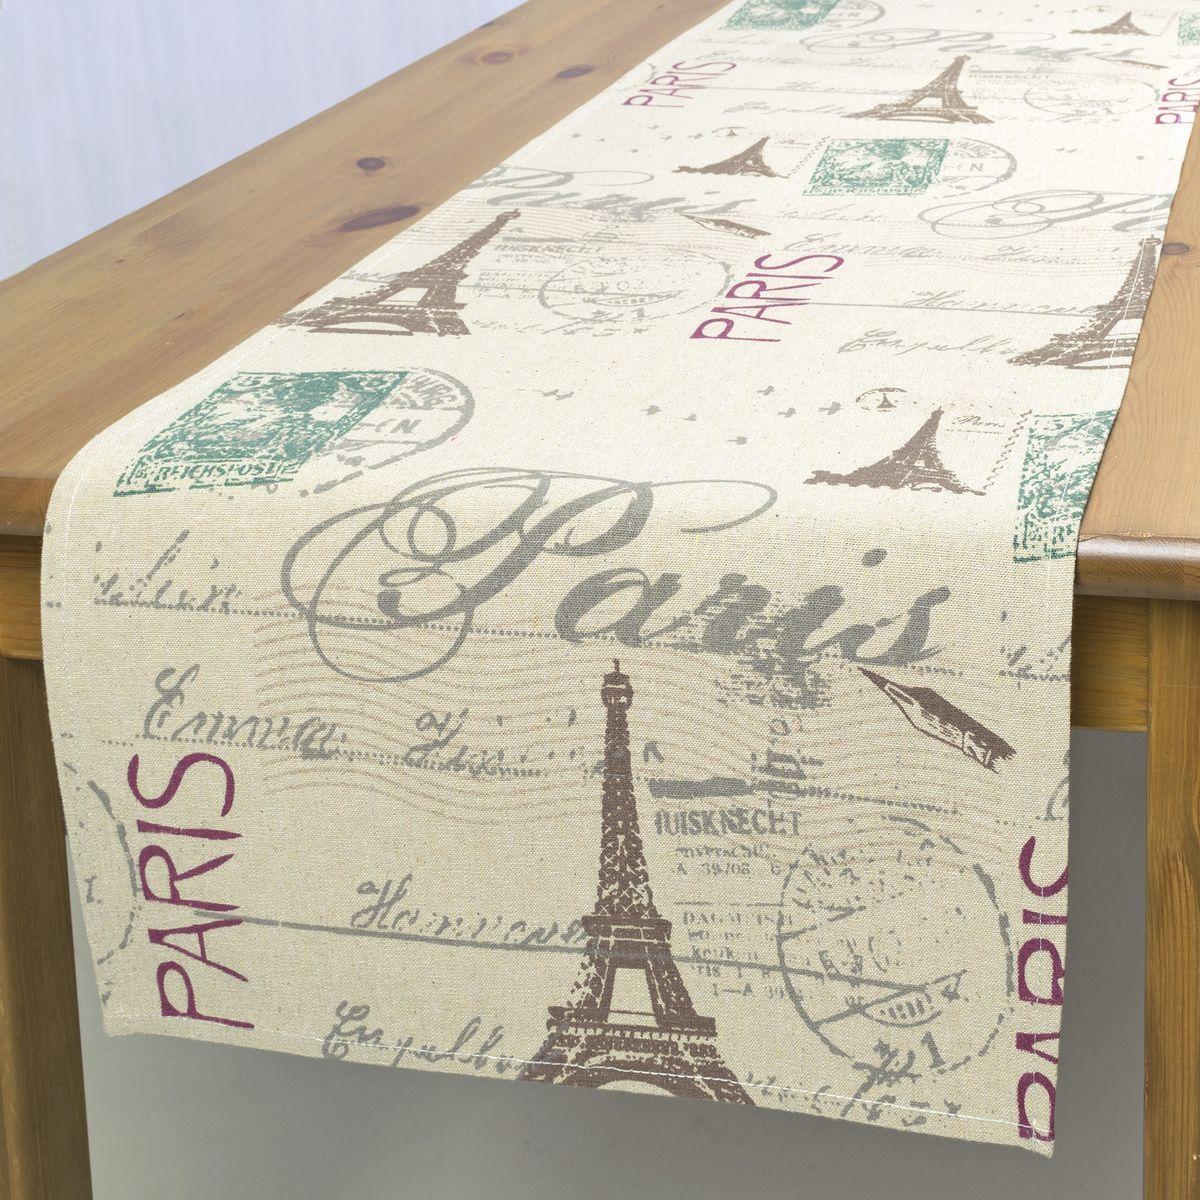 Дорожка для декорирования стола Schaefer , 40 х 140 см, цвет: бежевый. 07612-21107612-211Дорожка для декорирования стола Schaefer может быть использована, как основной элемент, так и дополнение для создания уюта и романтического настроения.Дорожка выполнена из полиэстера. Изделие легко стирать: оно не мнется, не садится и быстро сохнет, более долговечно, чем изделие из натуральных волокон.Материал: 100% полиэстер.Размер: 40 х 140 см.